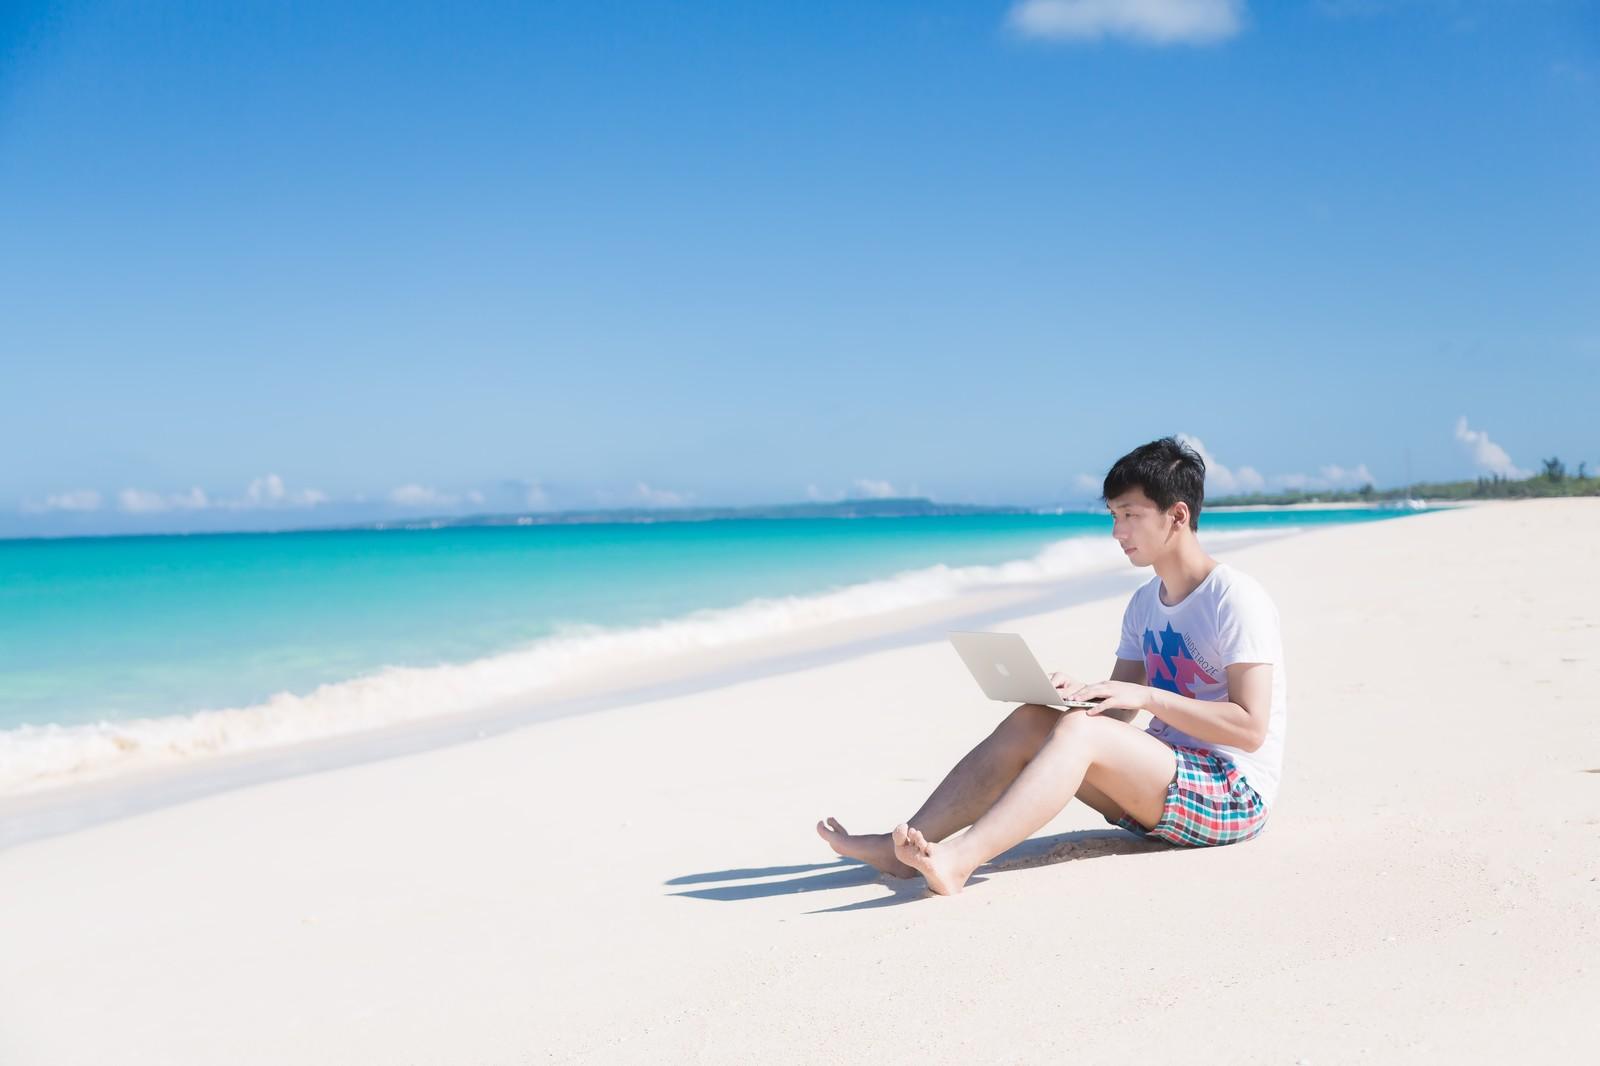 砂浜でパソコン